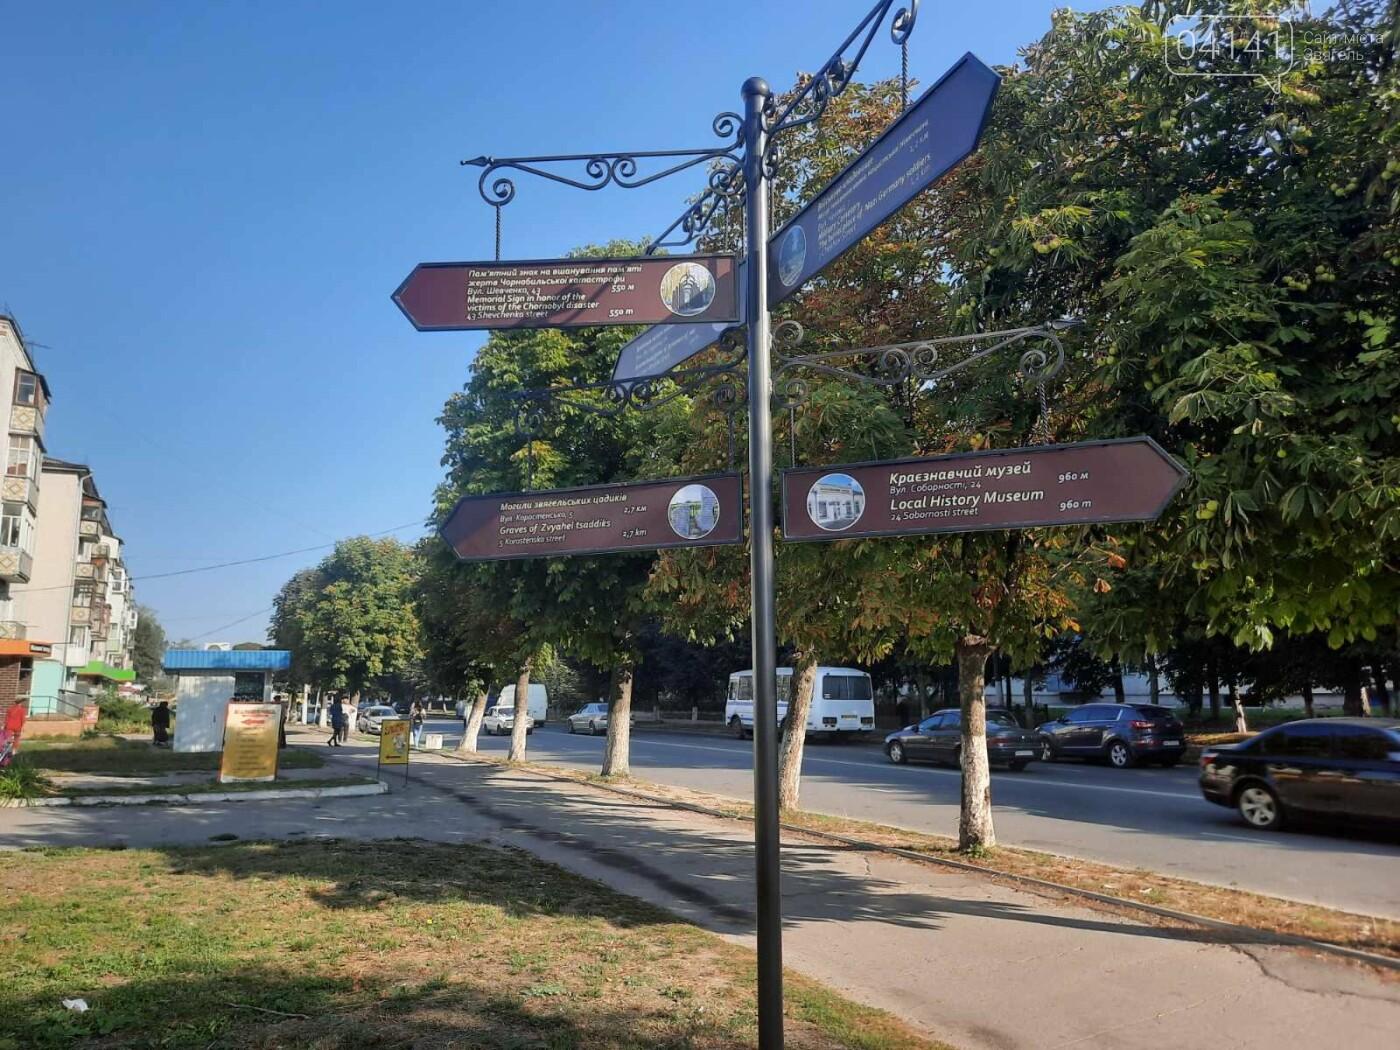 У Новограді-Волинському встановили інформаційно-туристичні вказівники, фото-1